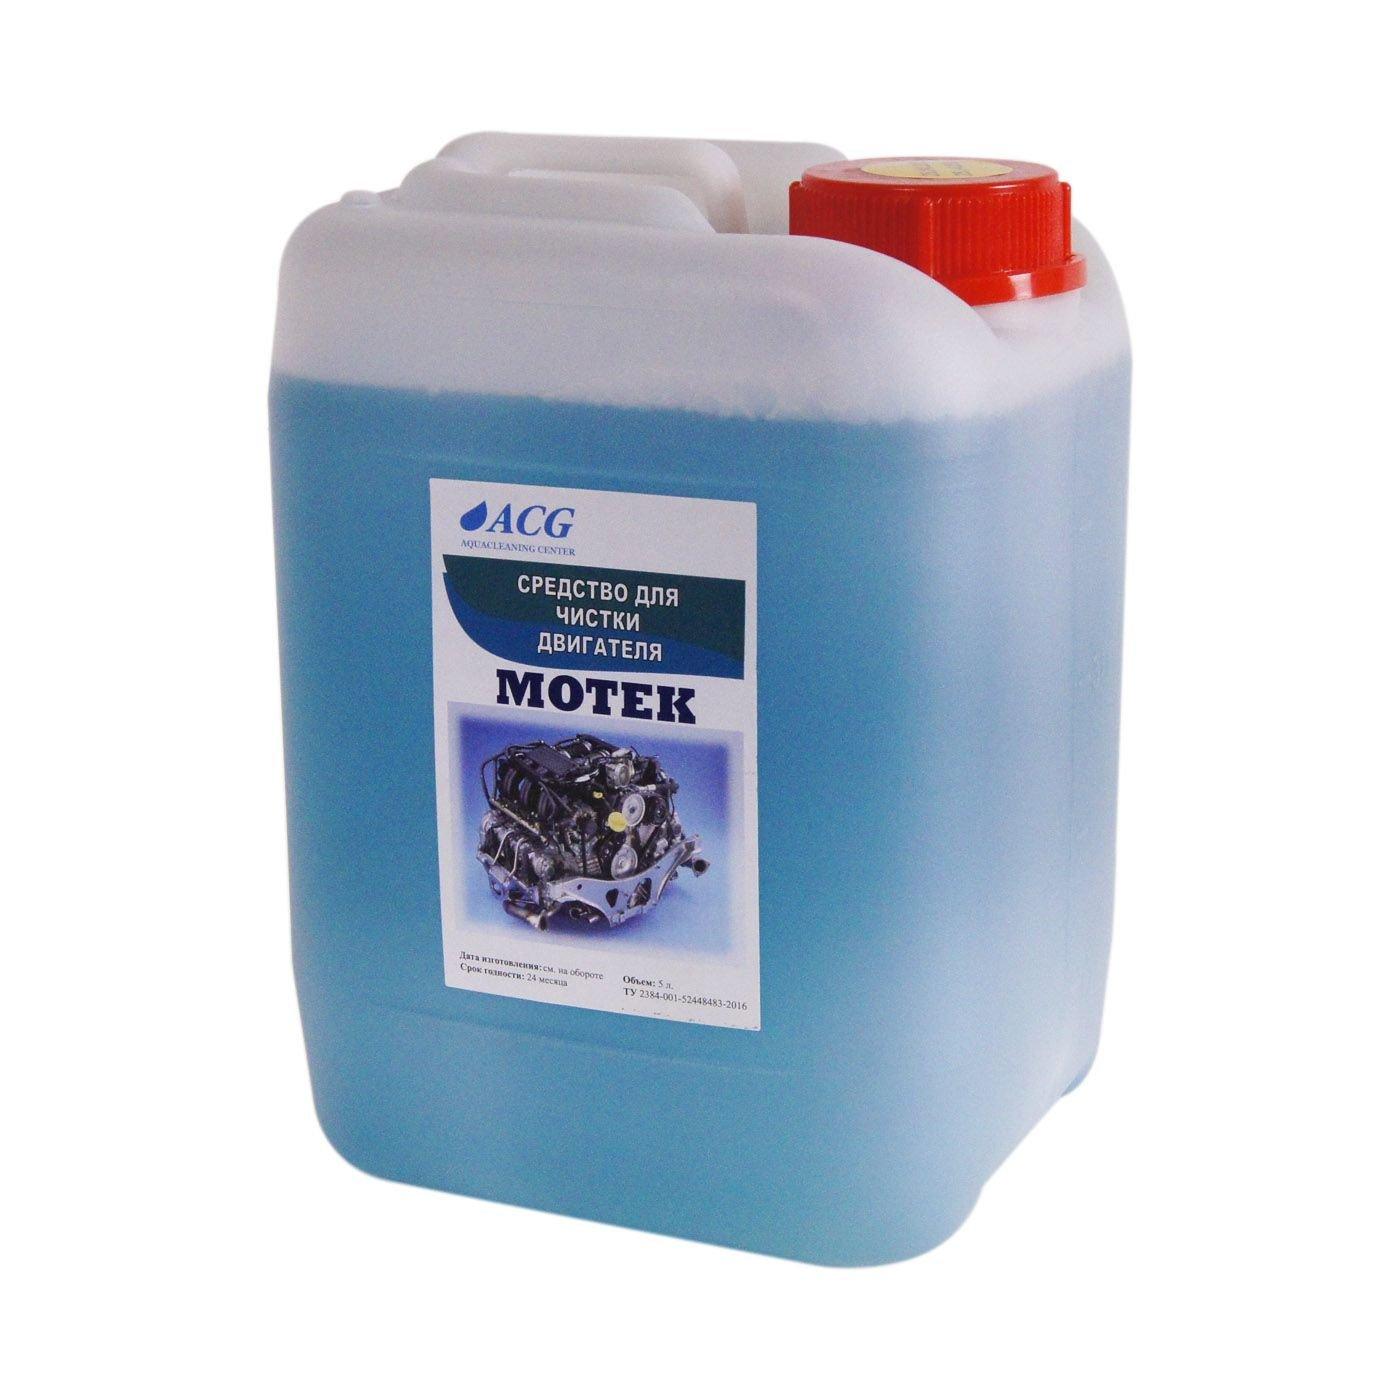 Средство для очистки двигателя ACG  MOTEK